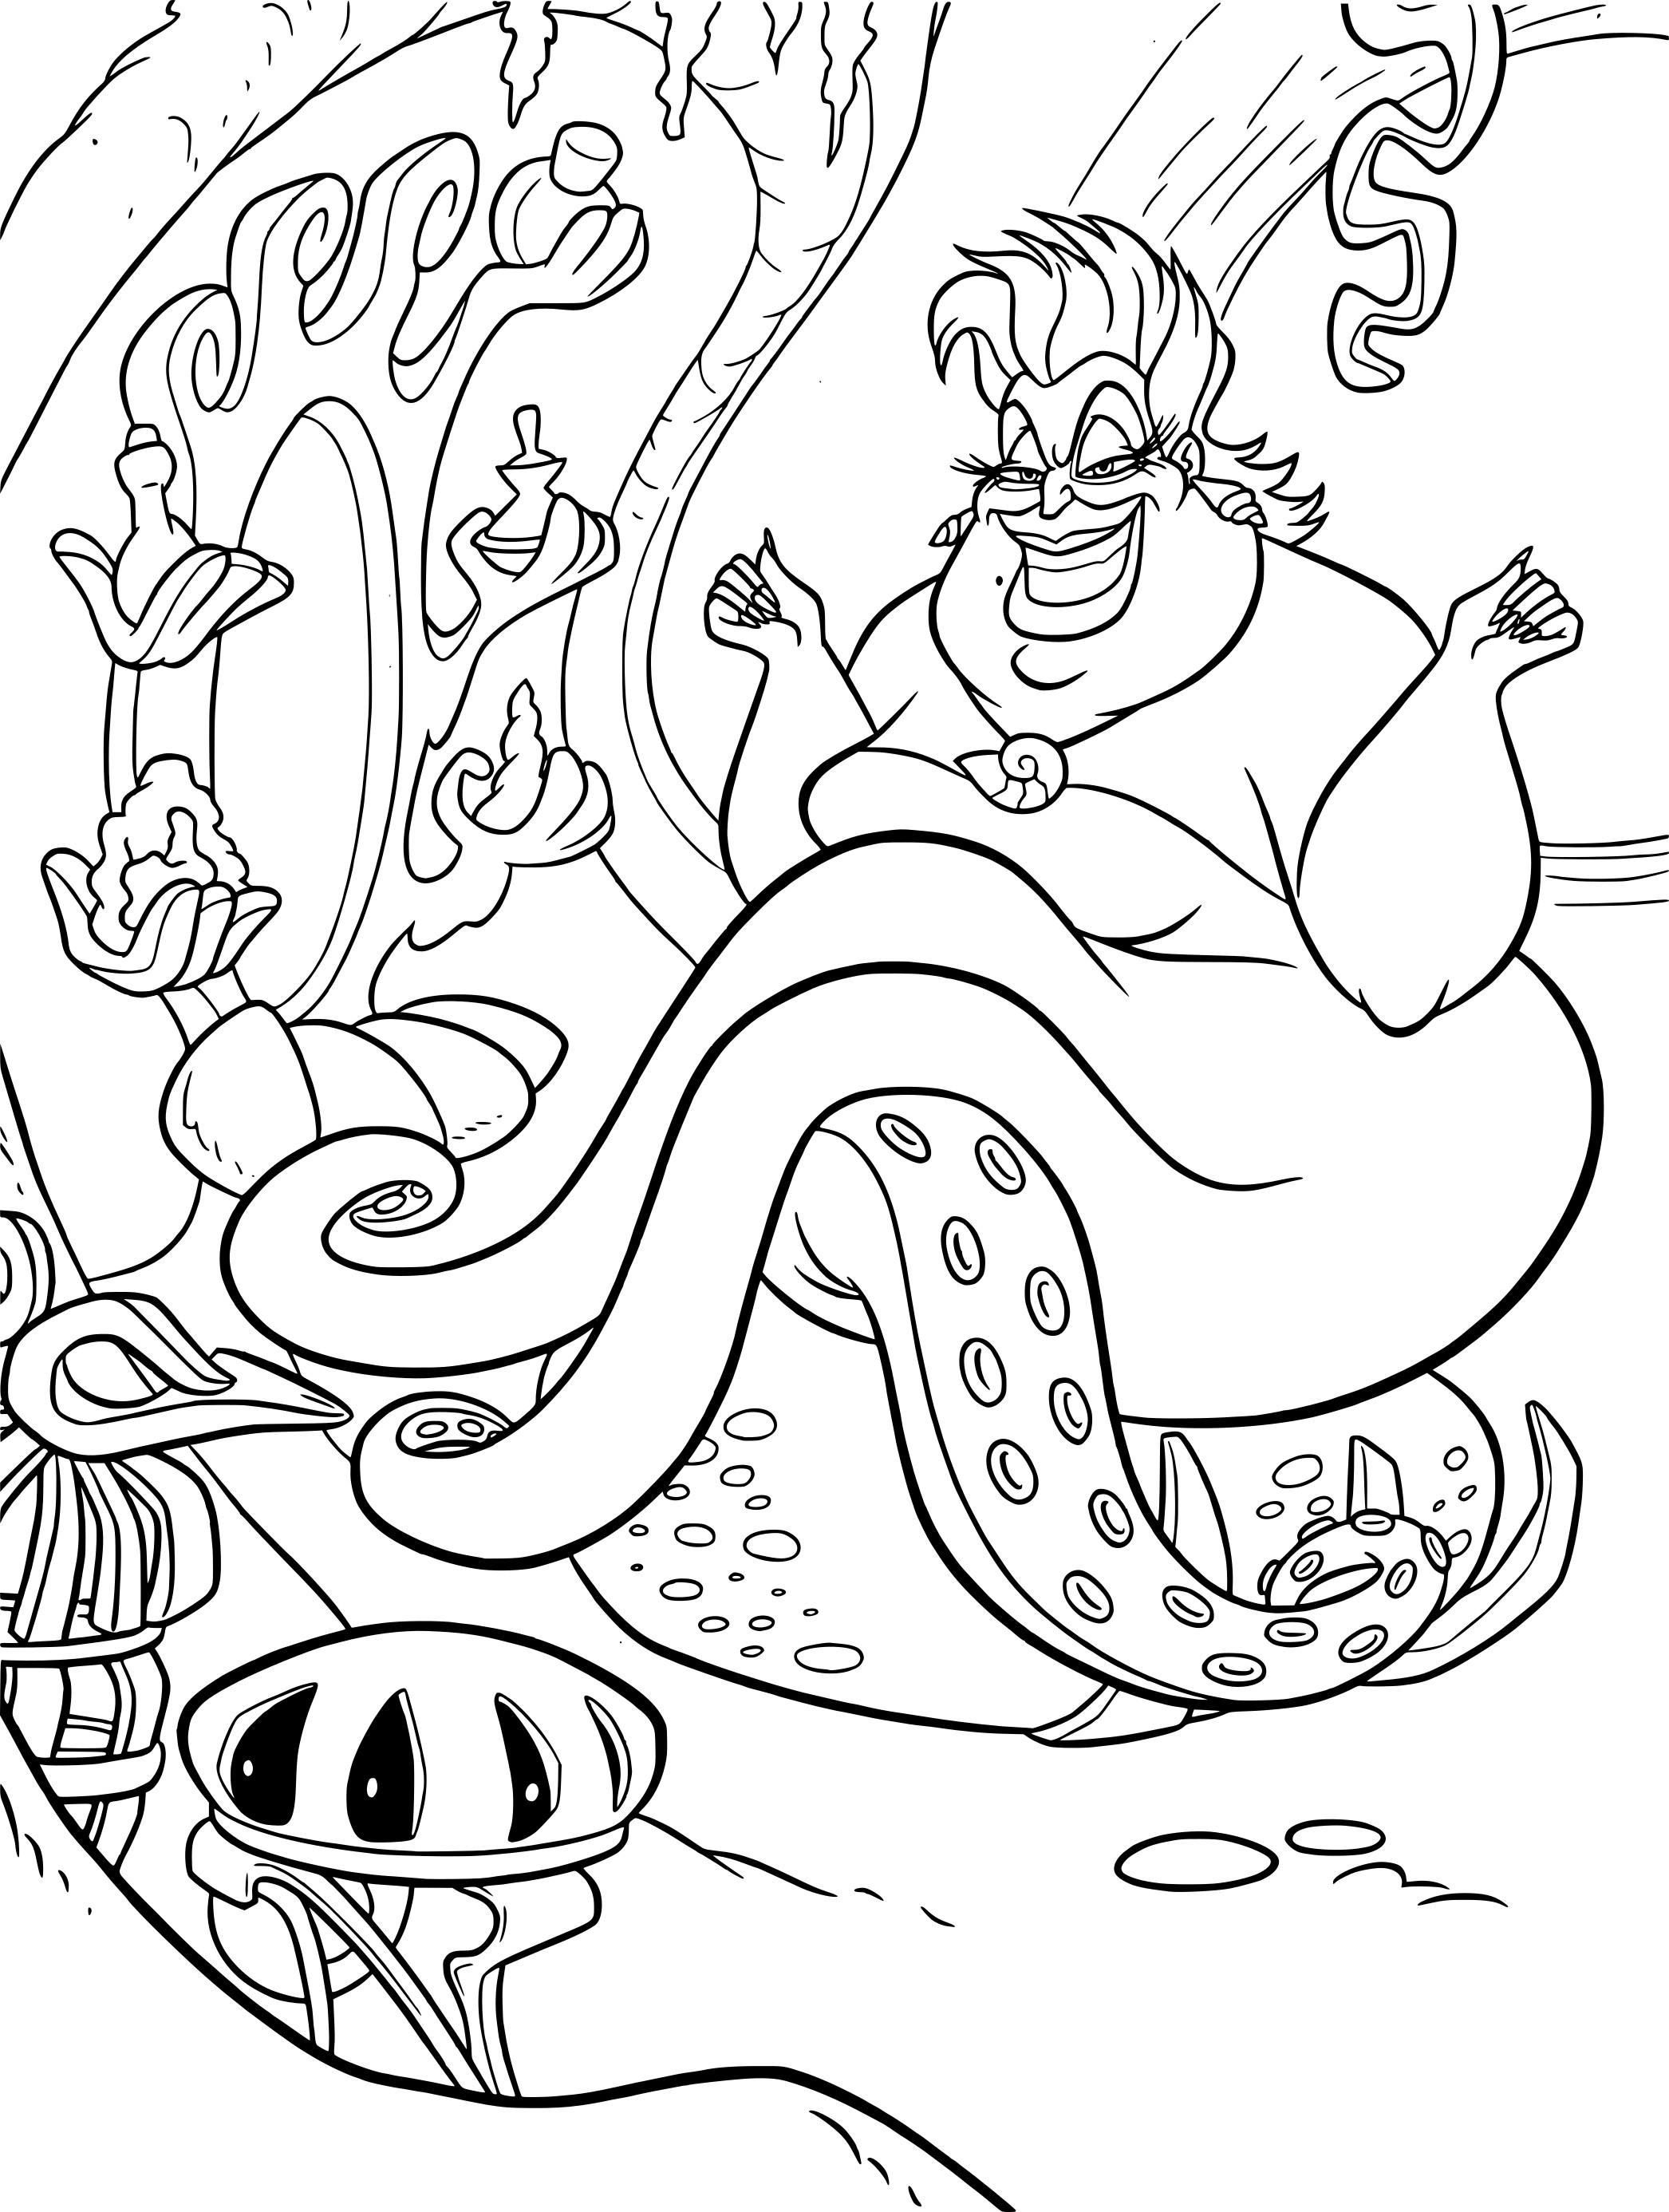 Coloriage Ursula